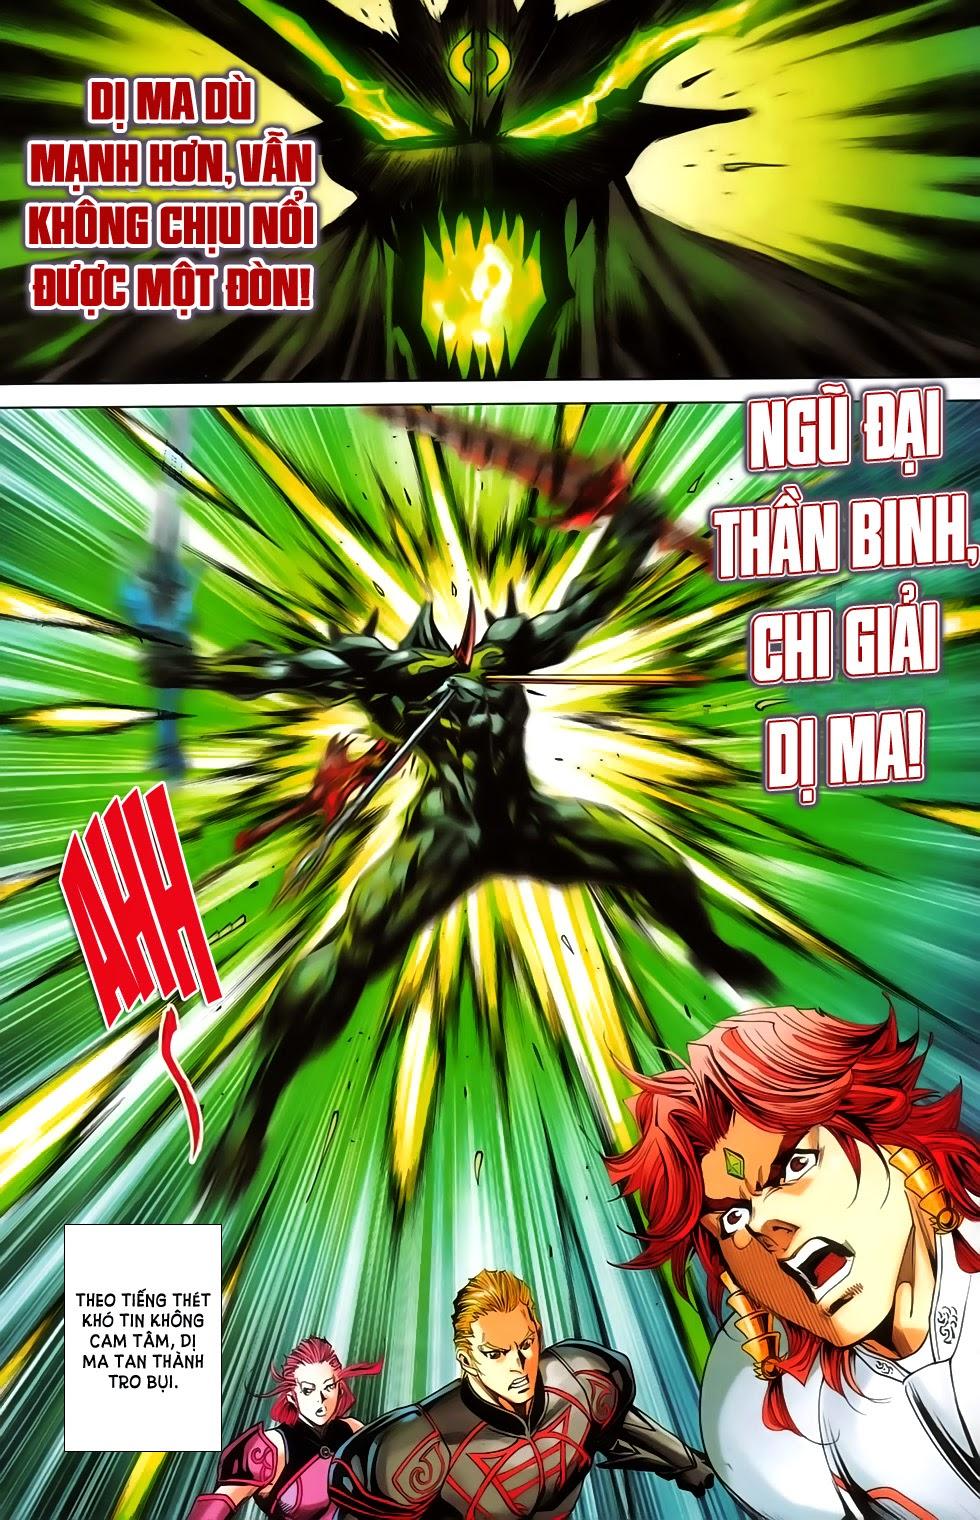 Dong Binh Thiên Hạ chap 75 - Trang 18